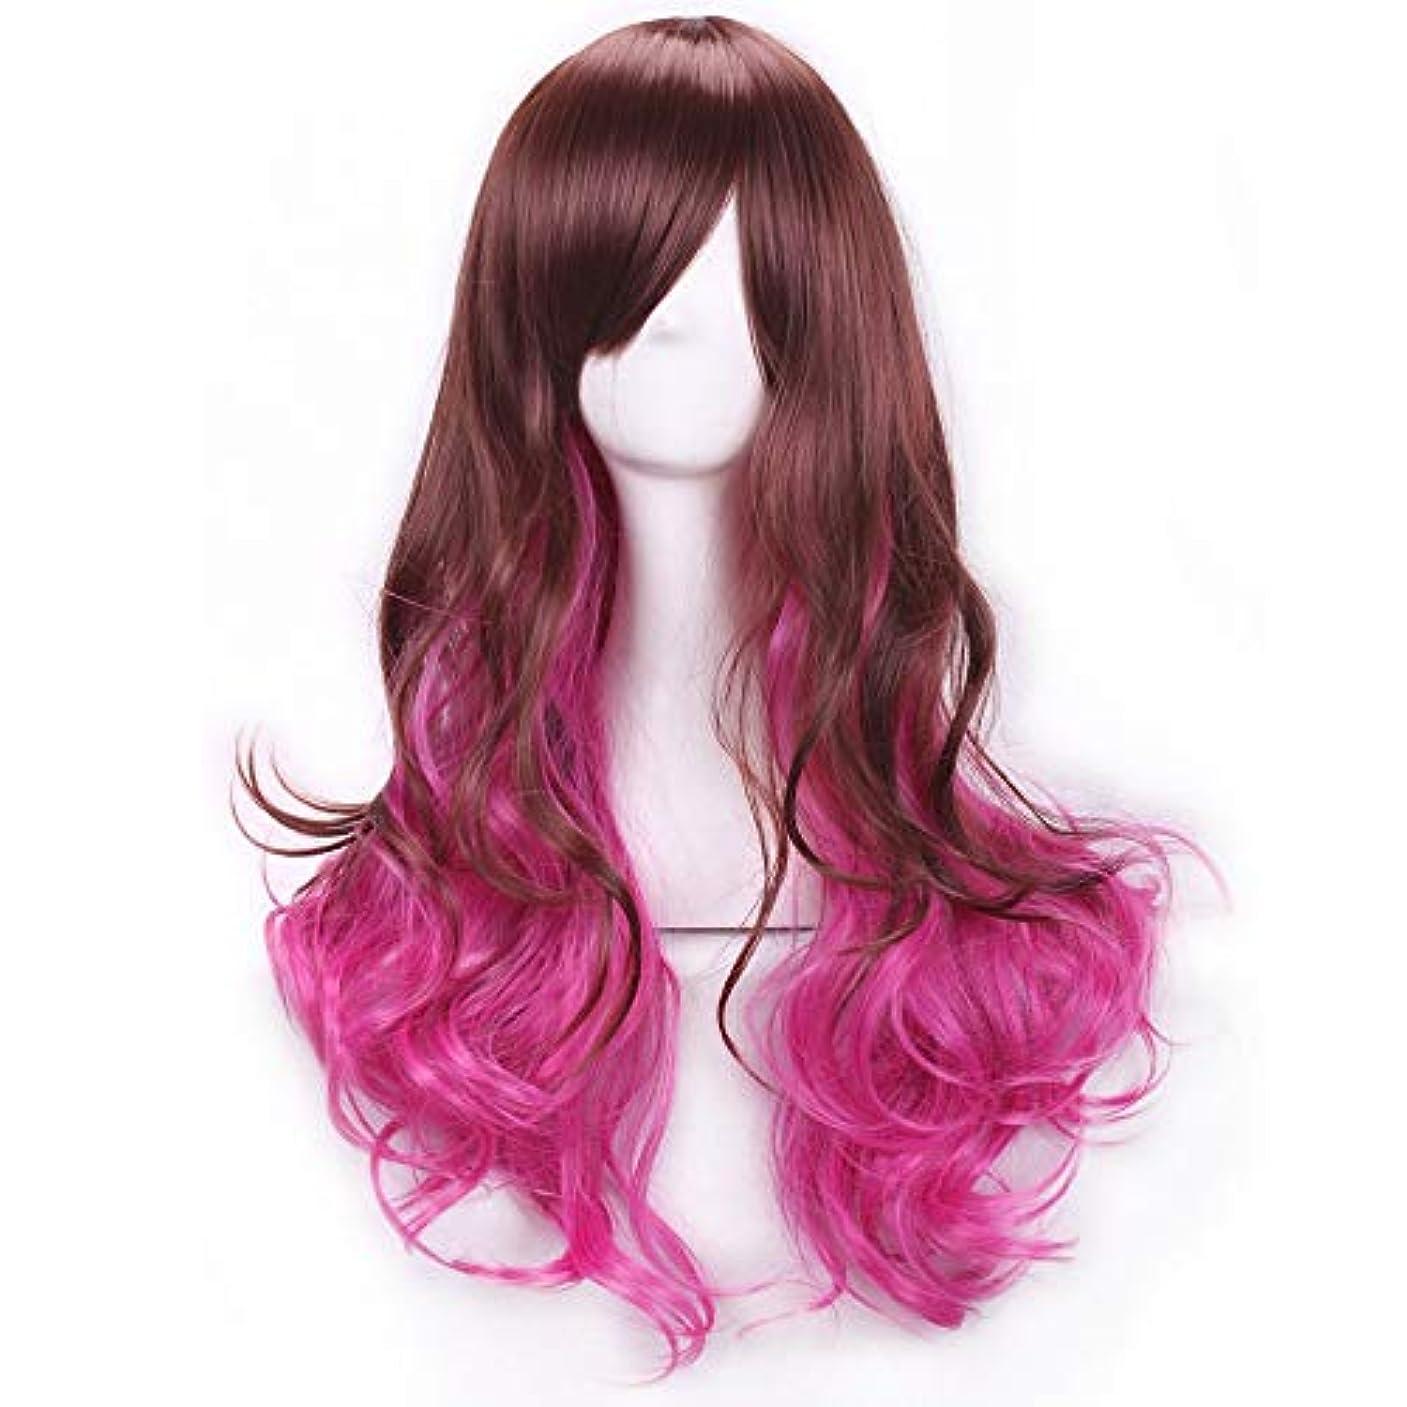 良心的鋼回路かつらキャップでかつらファンシードレスカールかつら女性用高品質合成毛髪コスプレ高密度かつら女性&女の子用ブラウン、ピンク、パープル (Color : ピンク)